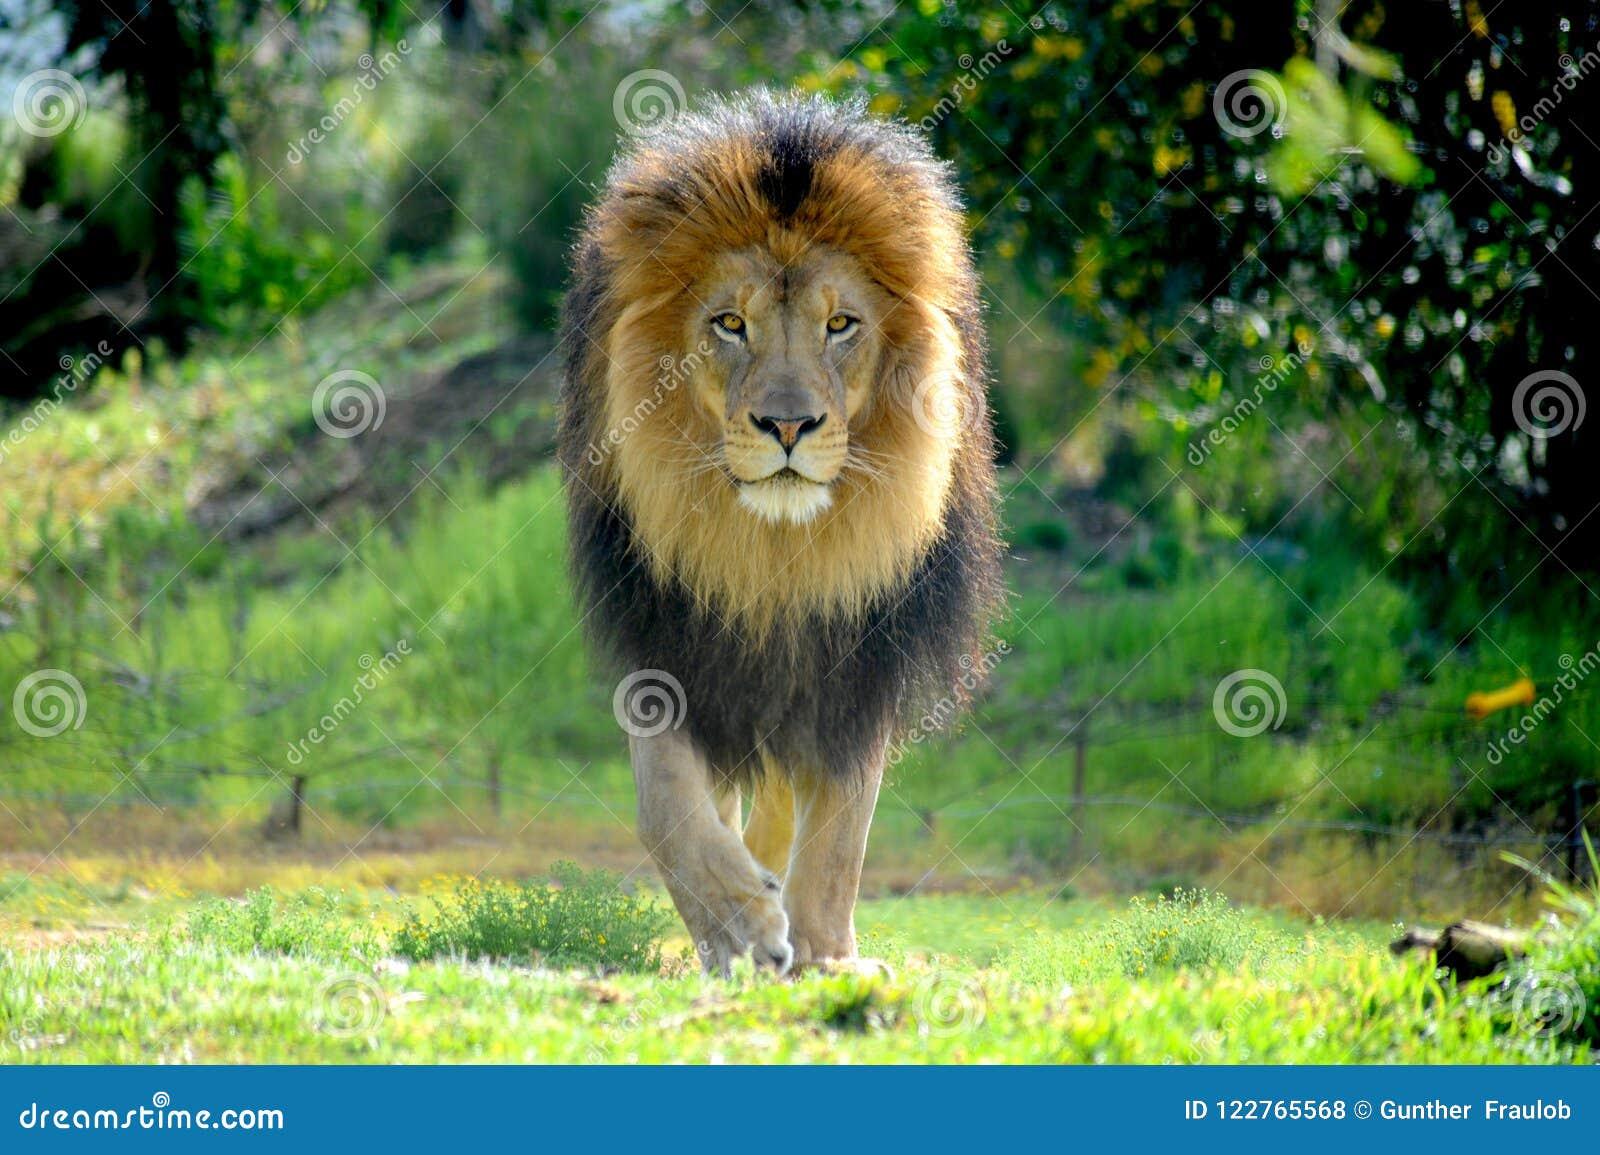 Мужской лев распарывая его вещество и защищая его гордость